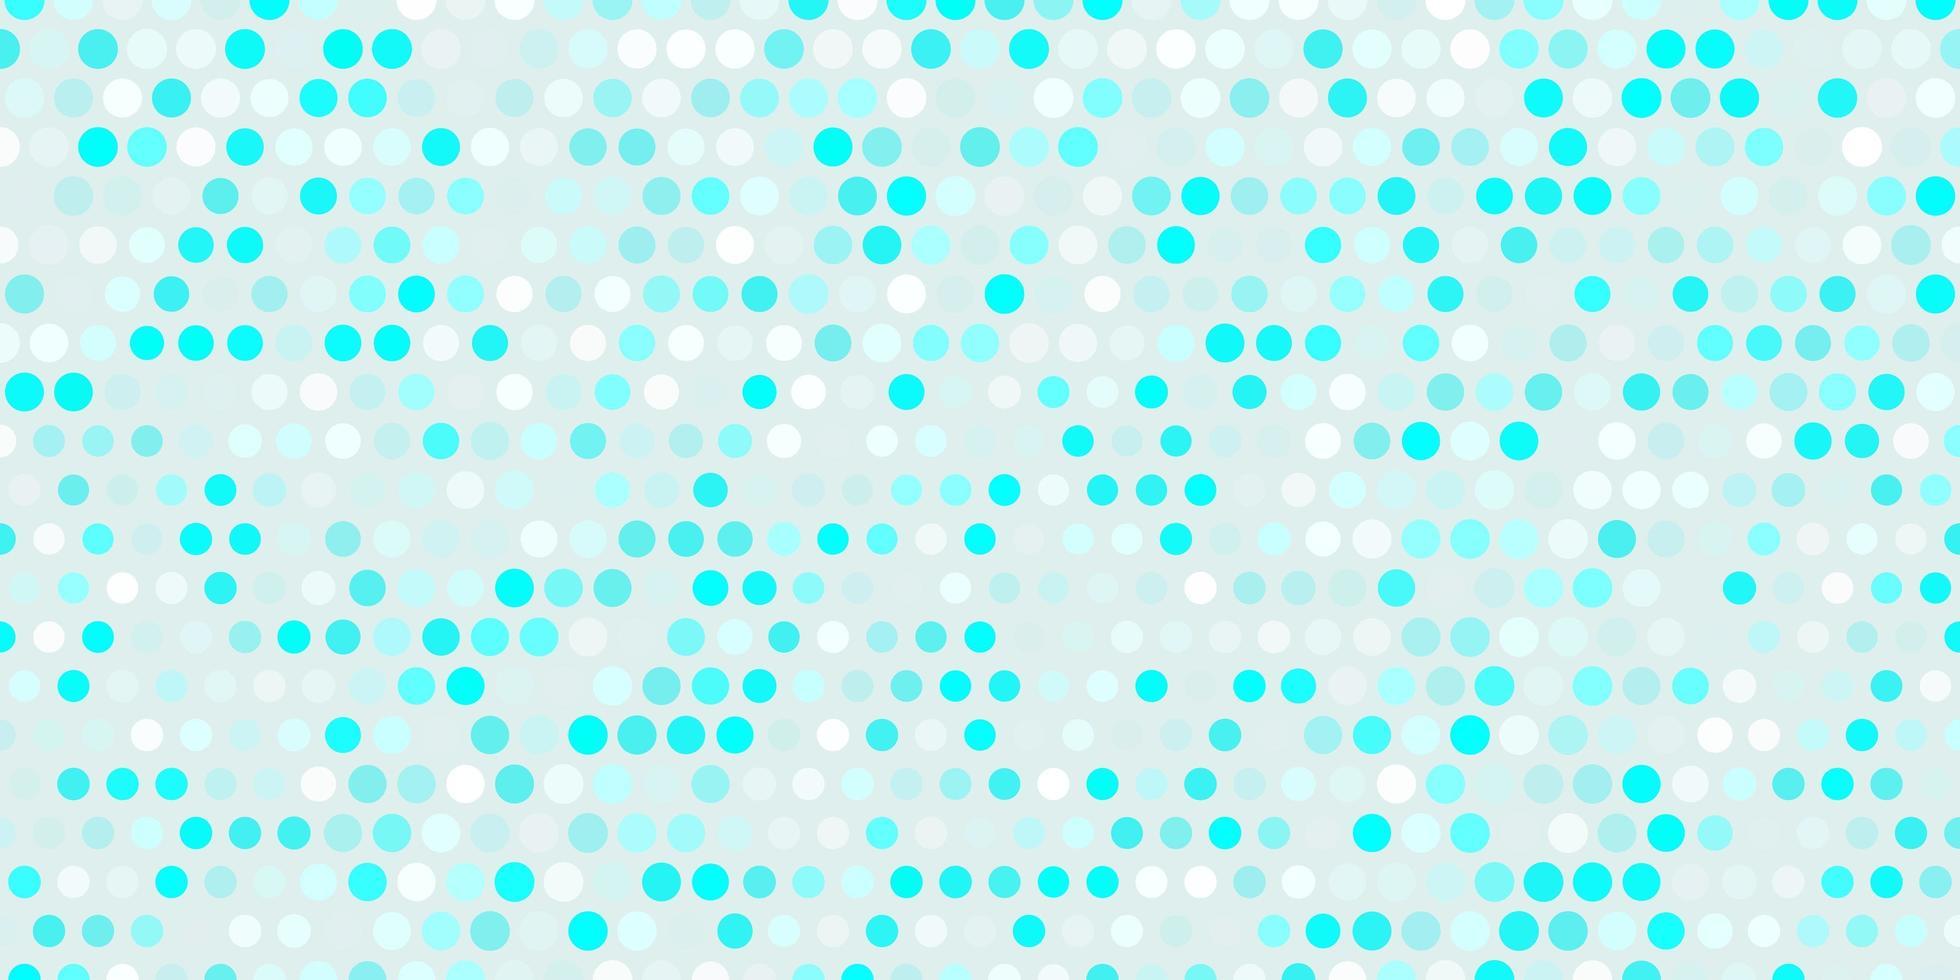 hellgrüne Vektorbeschaffenheit mit Scheiben. vektor